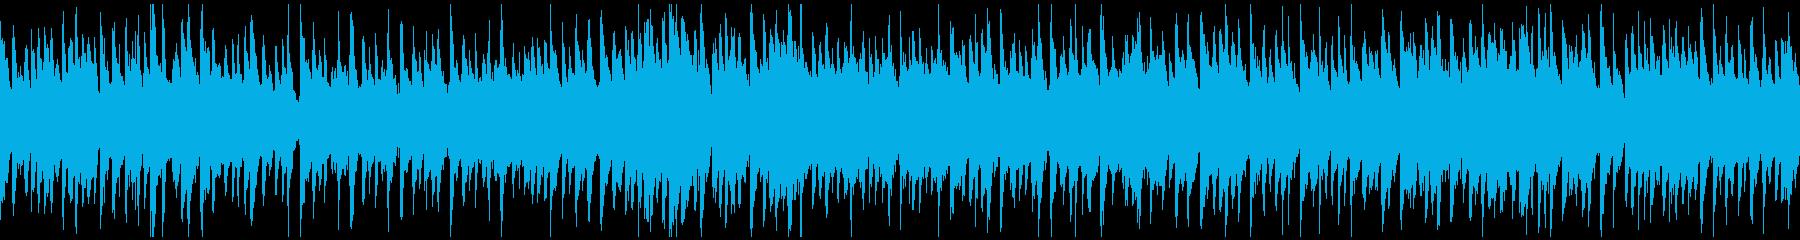 夏の始まり感じる爽やかウクレレ※ループ版の再生済みの波形